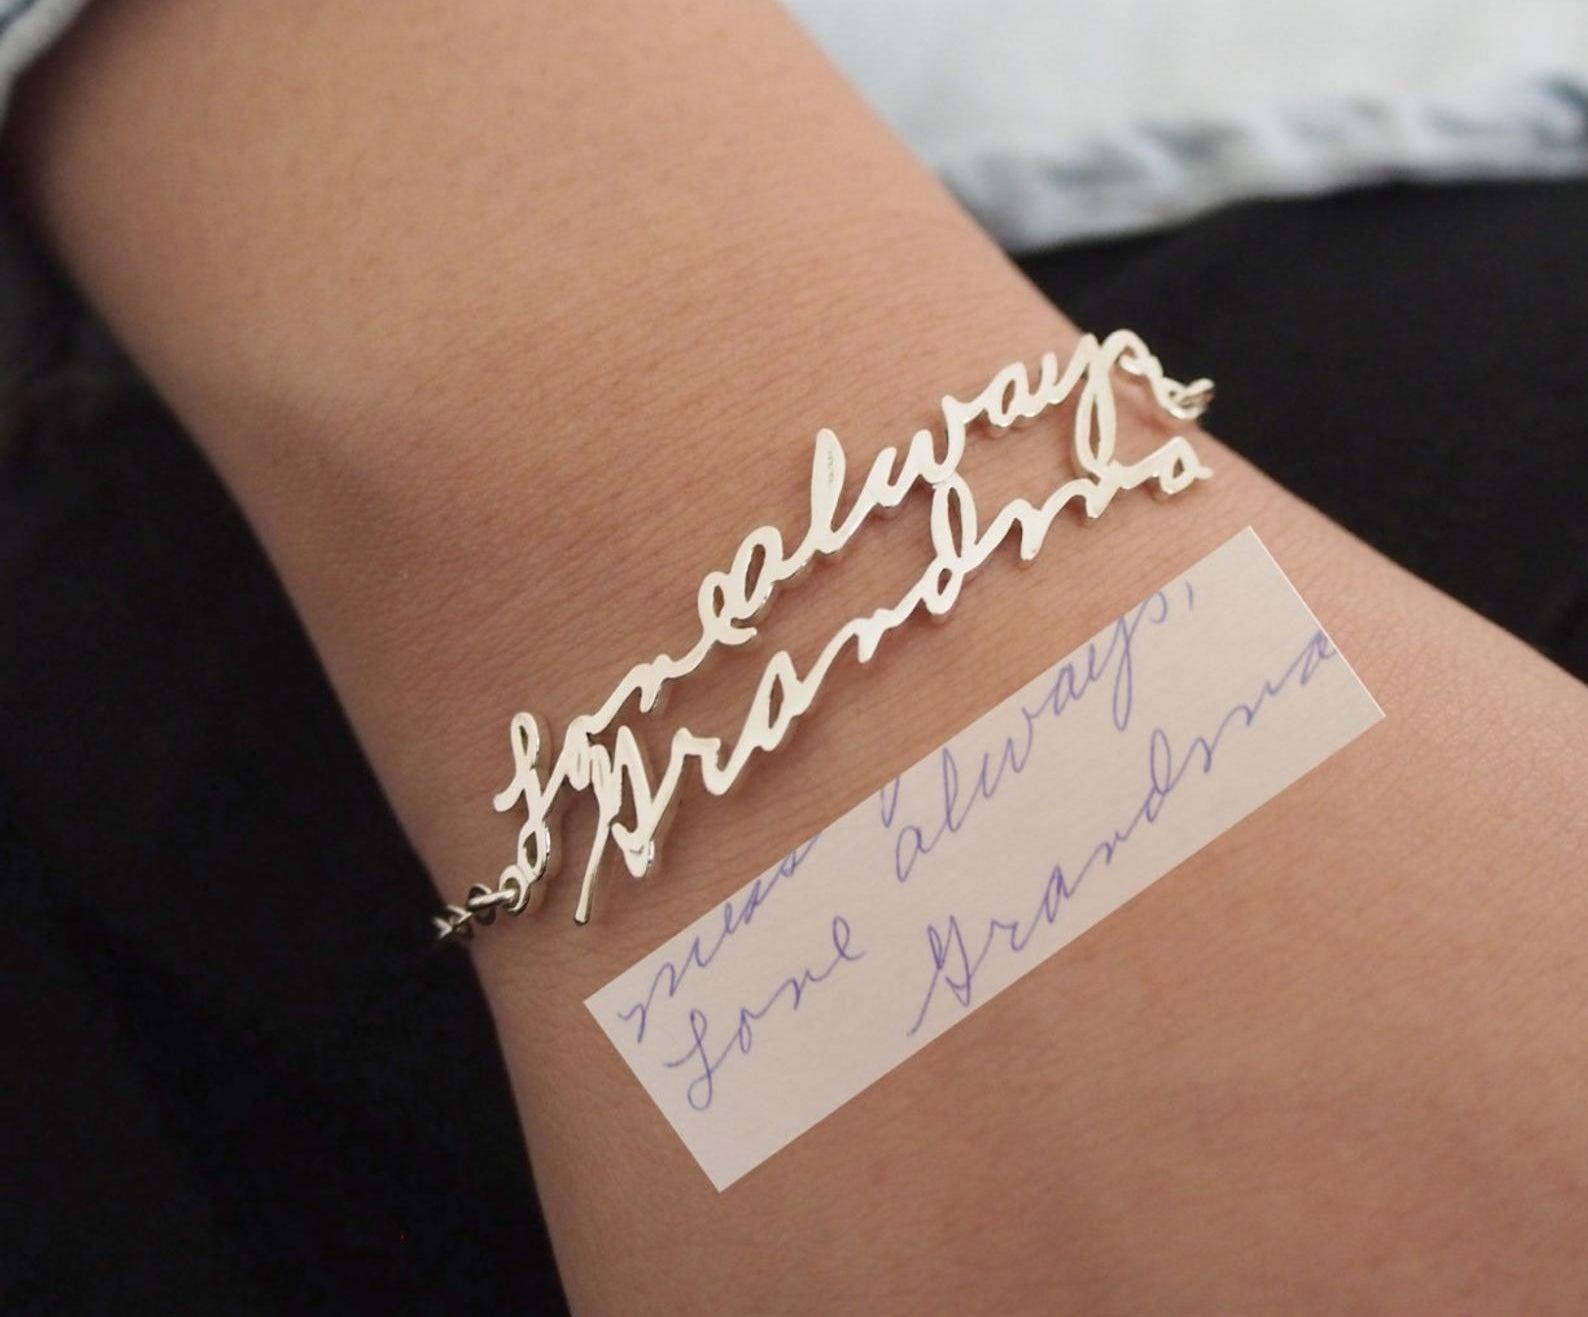 person wearing personalized handwritten bracelet